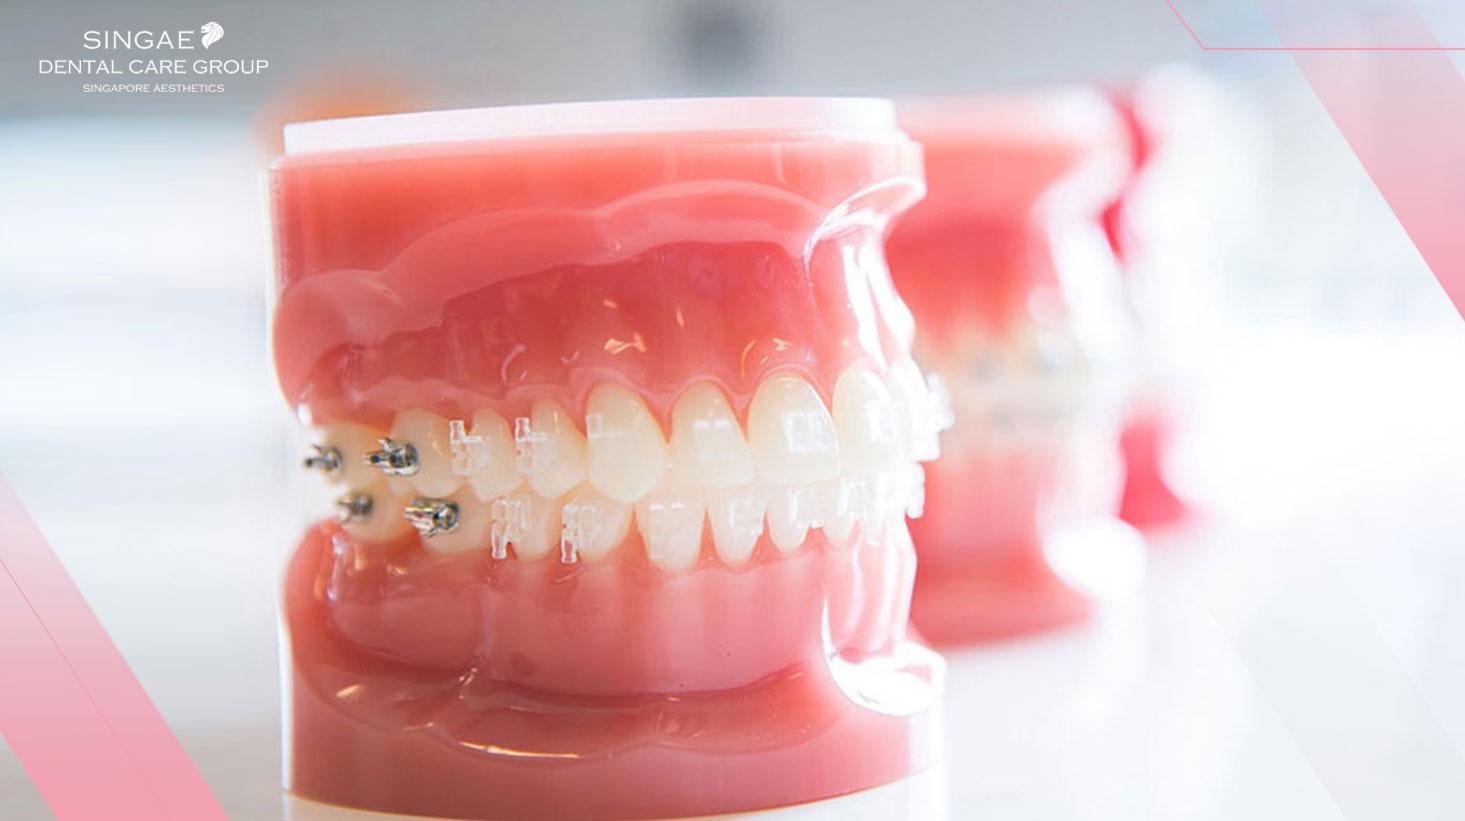 Cảnh báo: Những điều bạn nên biết về niềng răng mắc cài sứ tự buộc trước khi niềng